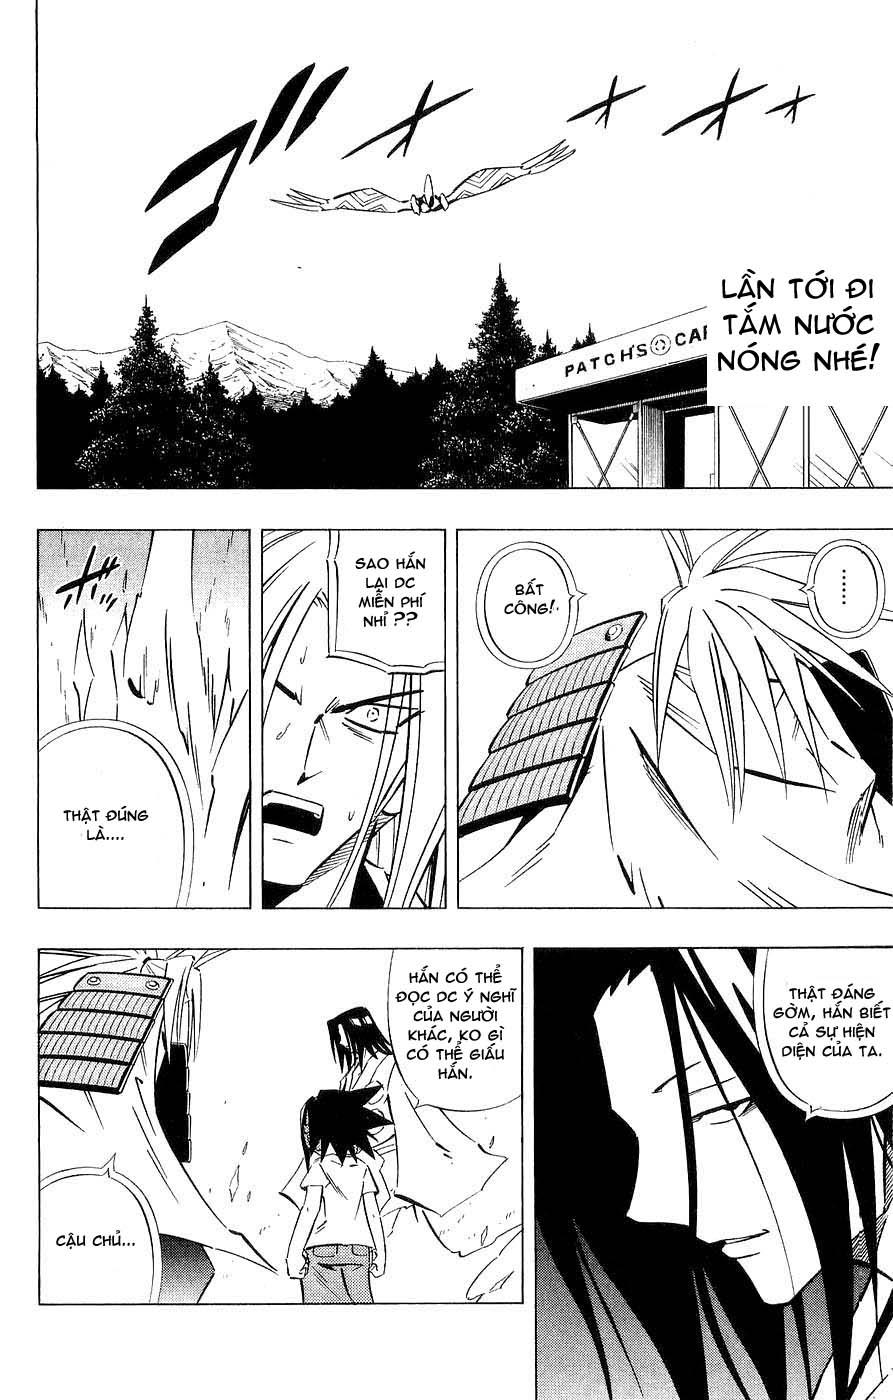 Vua Pháp Thuật-Shaman King chap 251 Trang 18 - Mangak.info